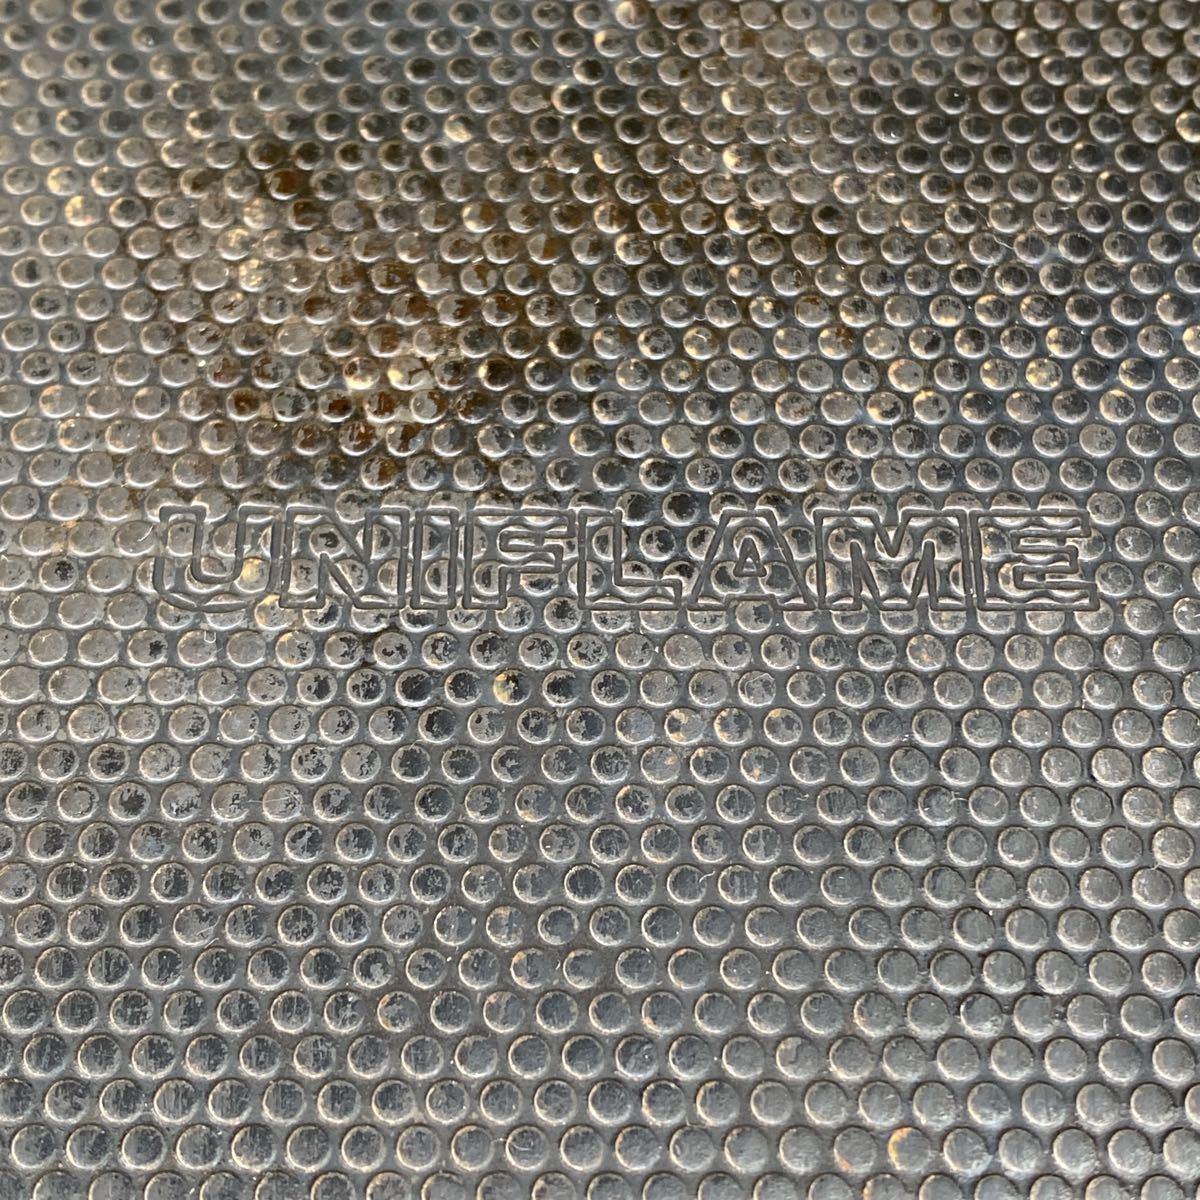 ユニフレーム ファイアグリル 焚き火台 UNIFLAME エンボス鉄板 ハンガー リフター 収納袋